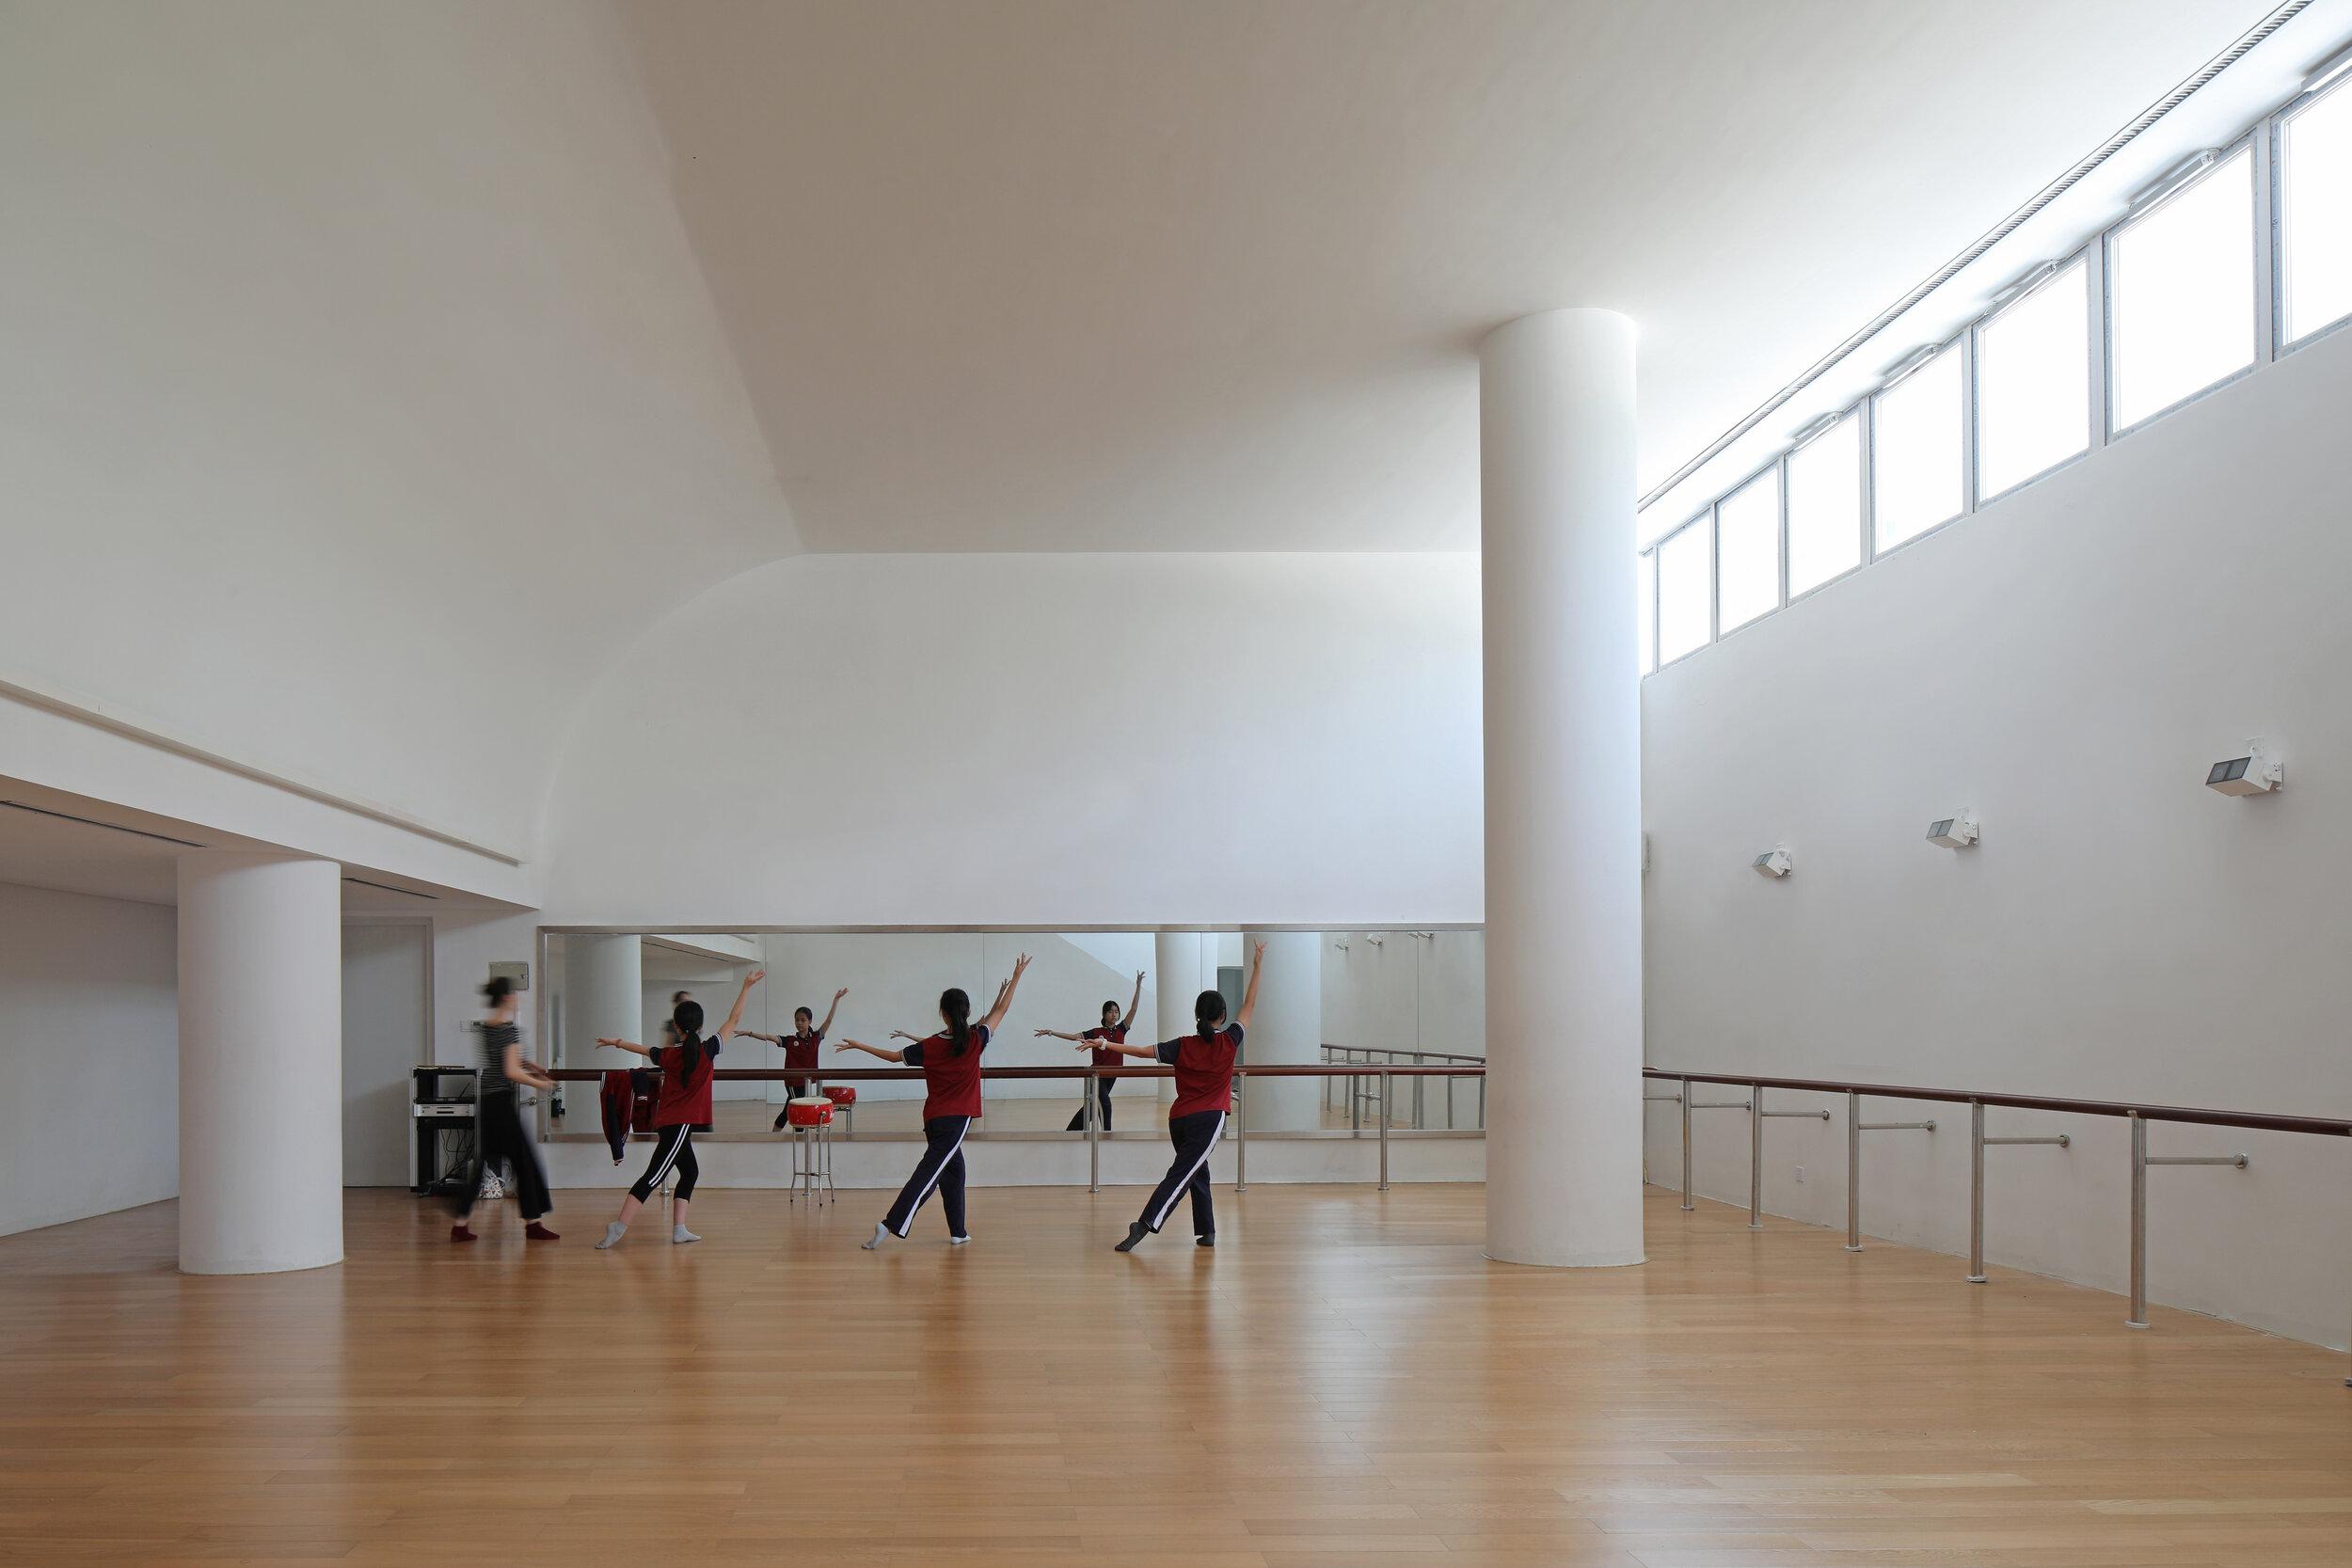 13 舞蹈教室 ?是然建筑攝影 Dance classroom ?Schran Images.jpg